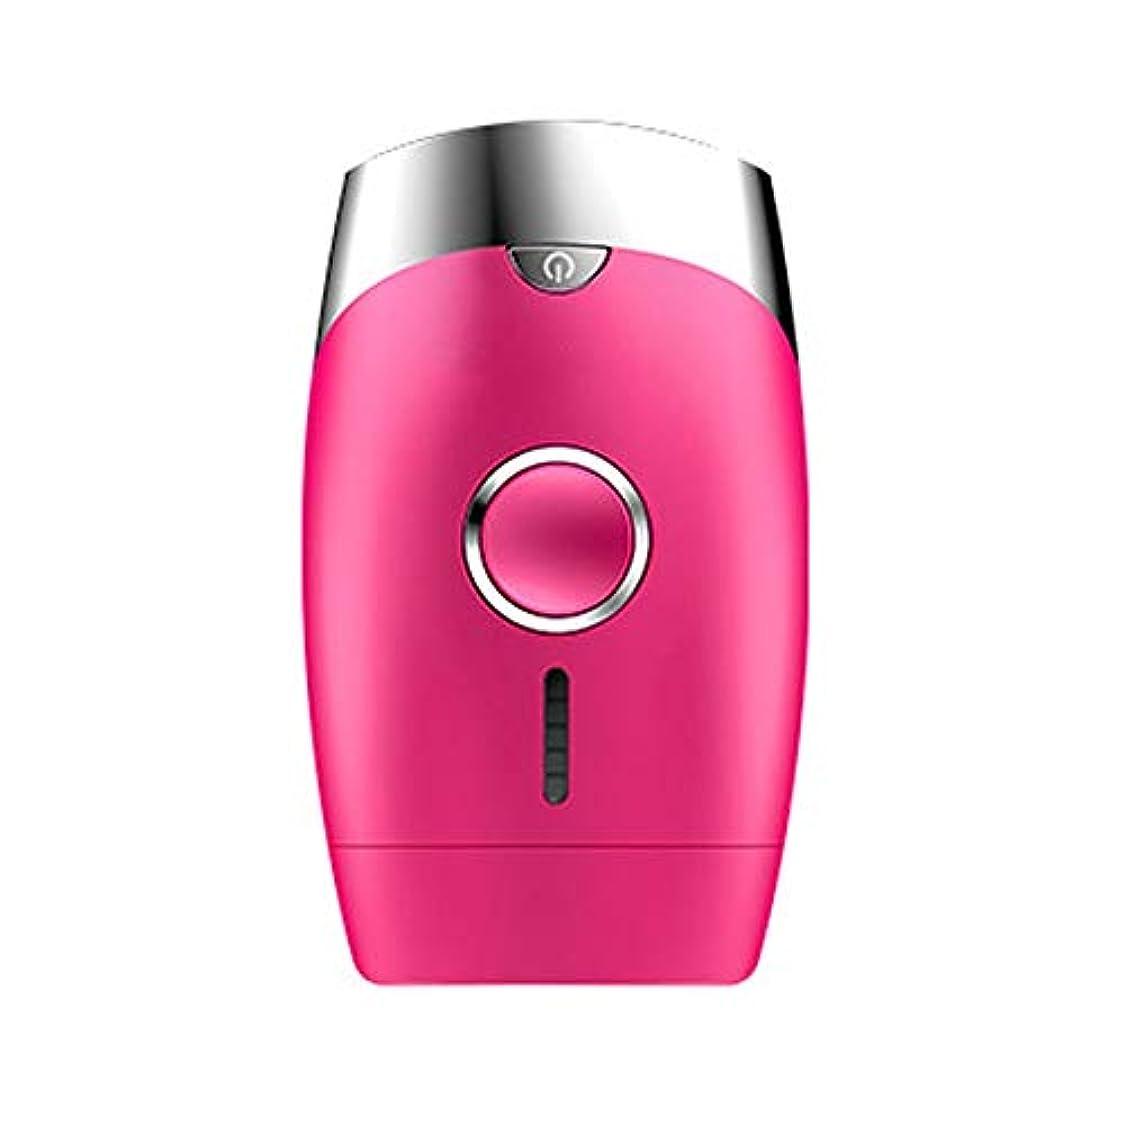 約類推アクセシブルXihouxian ピンク、5スピード調整、インテリジェント家庭用痛みのない凝固点ヘアリムーバー、シングルフラッシュ/連続フラッシュ、サイズ13.9 X 8.3 X 4.8 Cm D40 (Color : Pink)